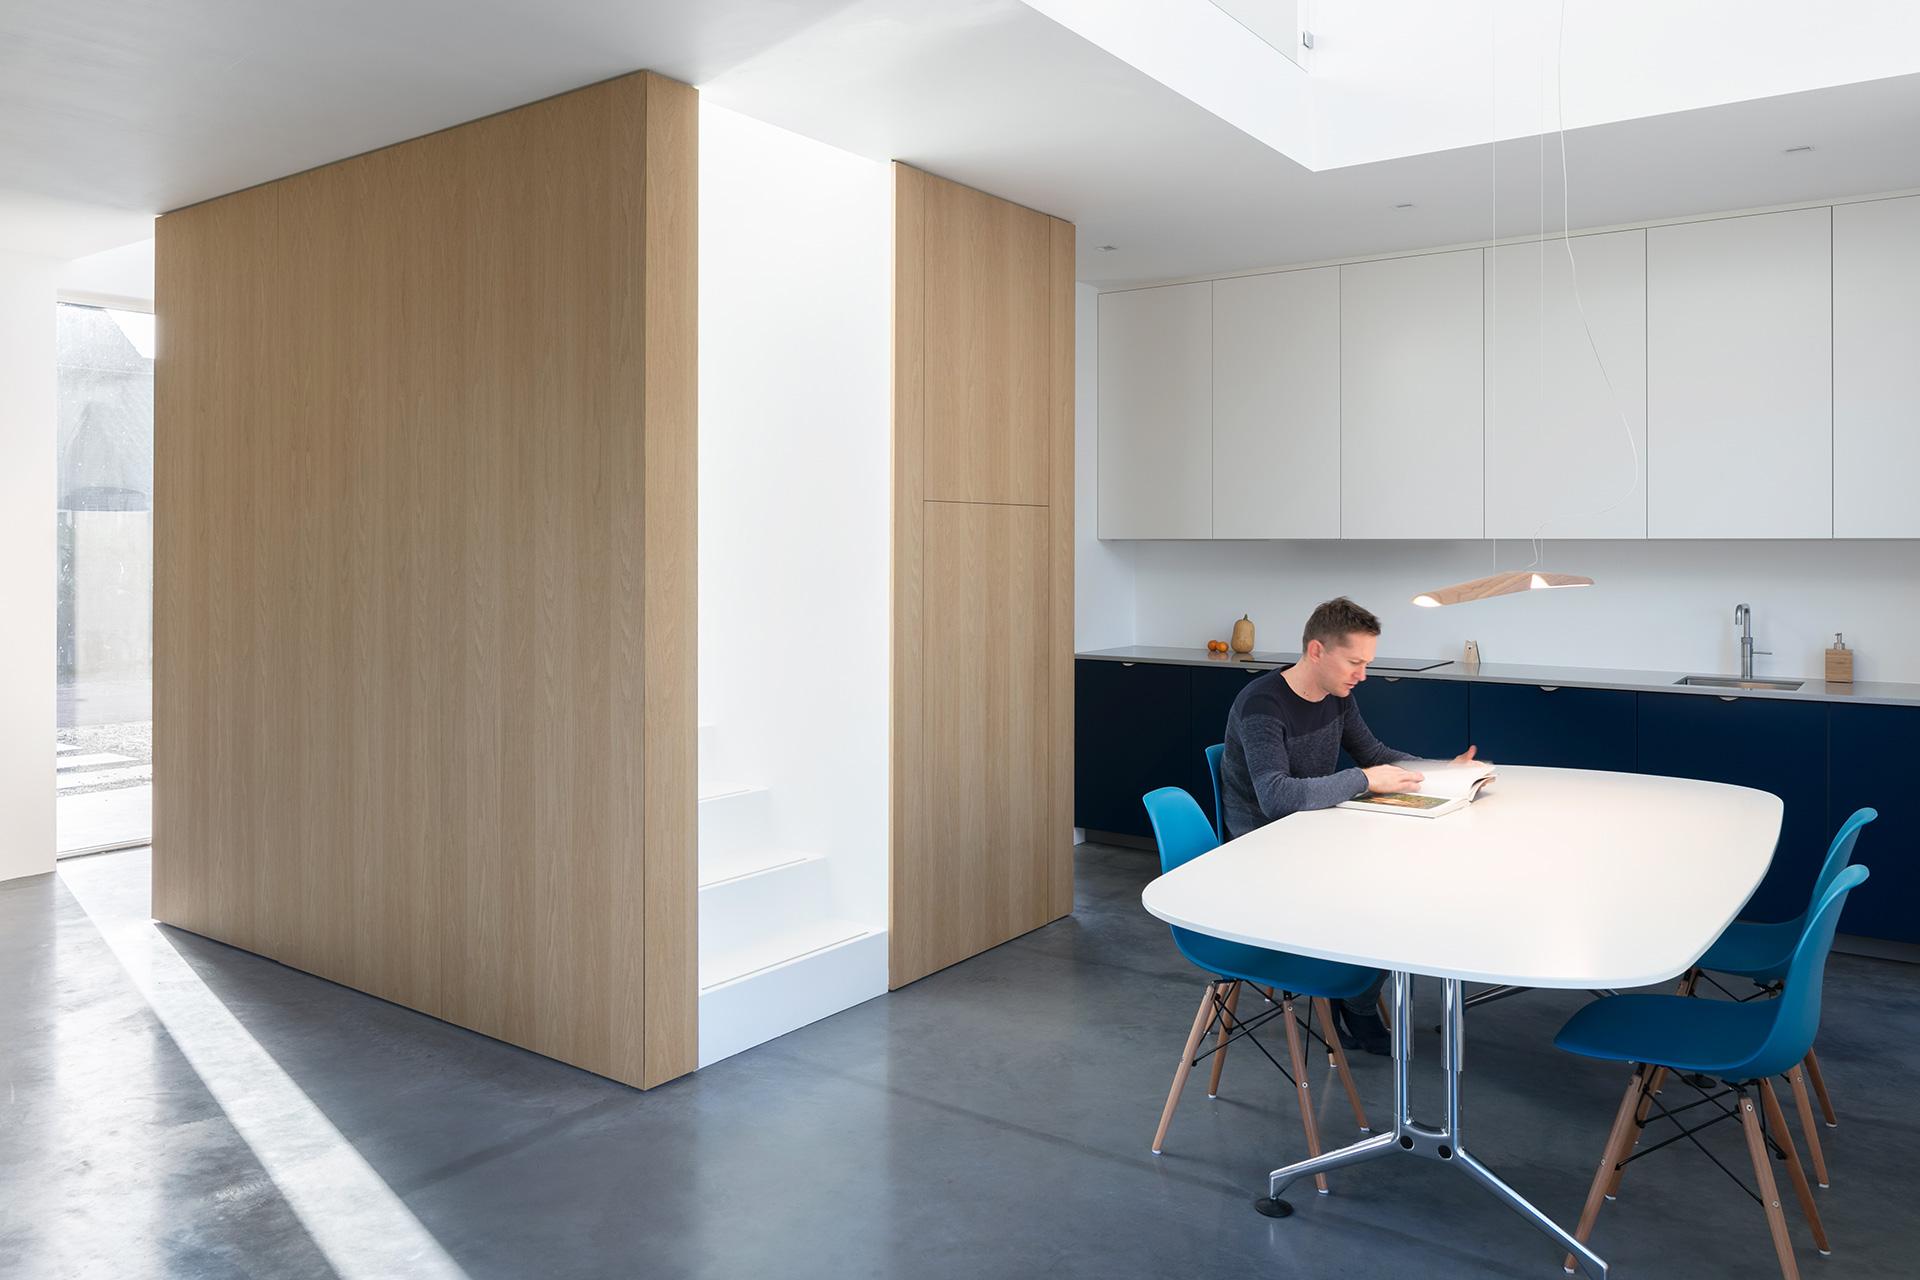 SP2017-Woonhuis-Lent-Architectuurfoto6